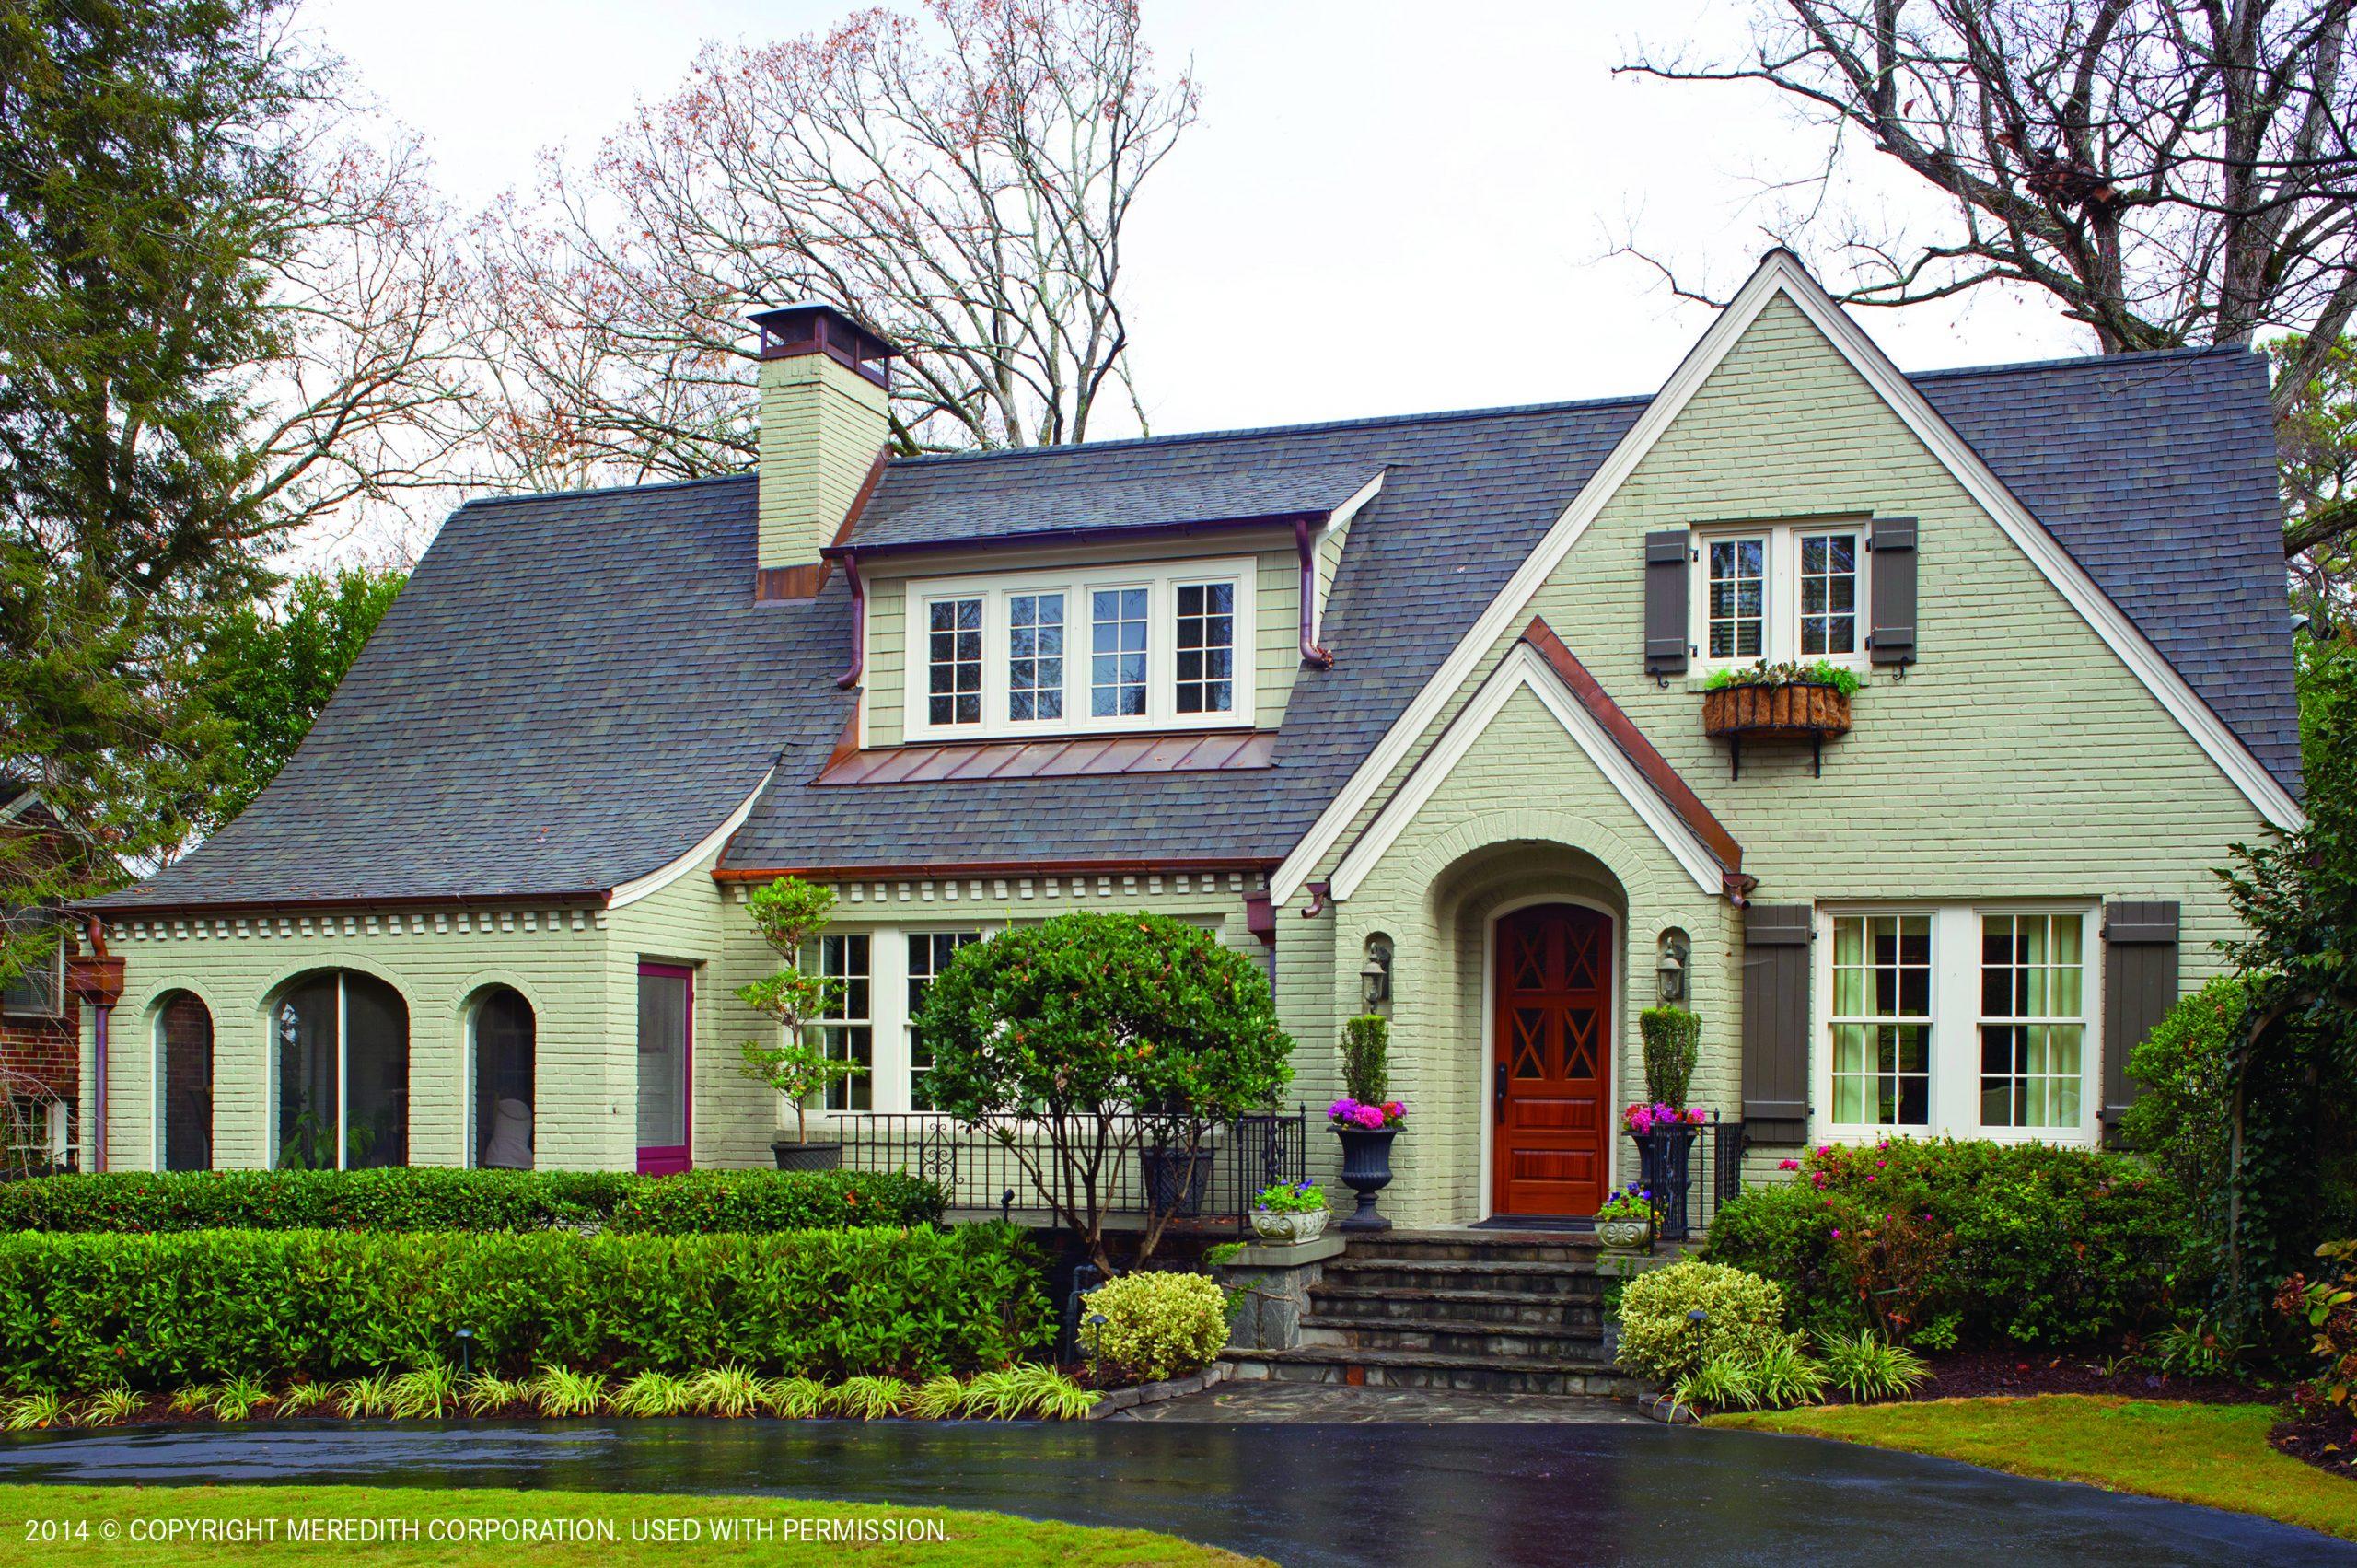 BuyingTips5_House_wrap_driveway_exterior_landscape